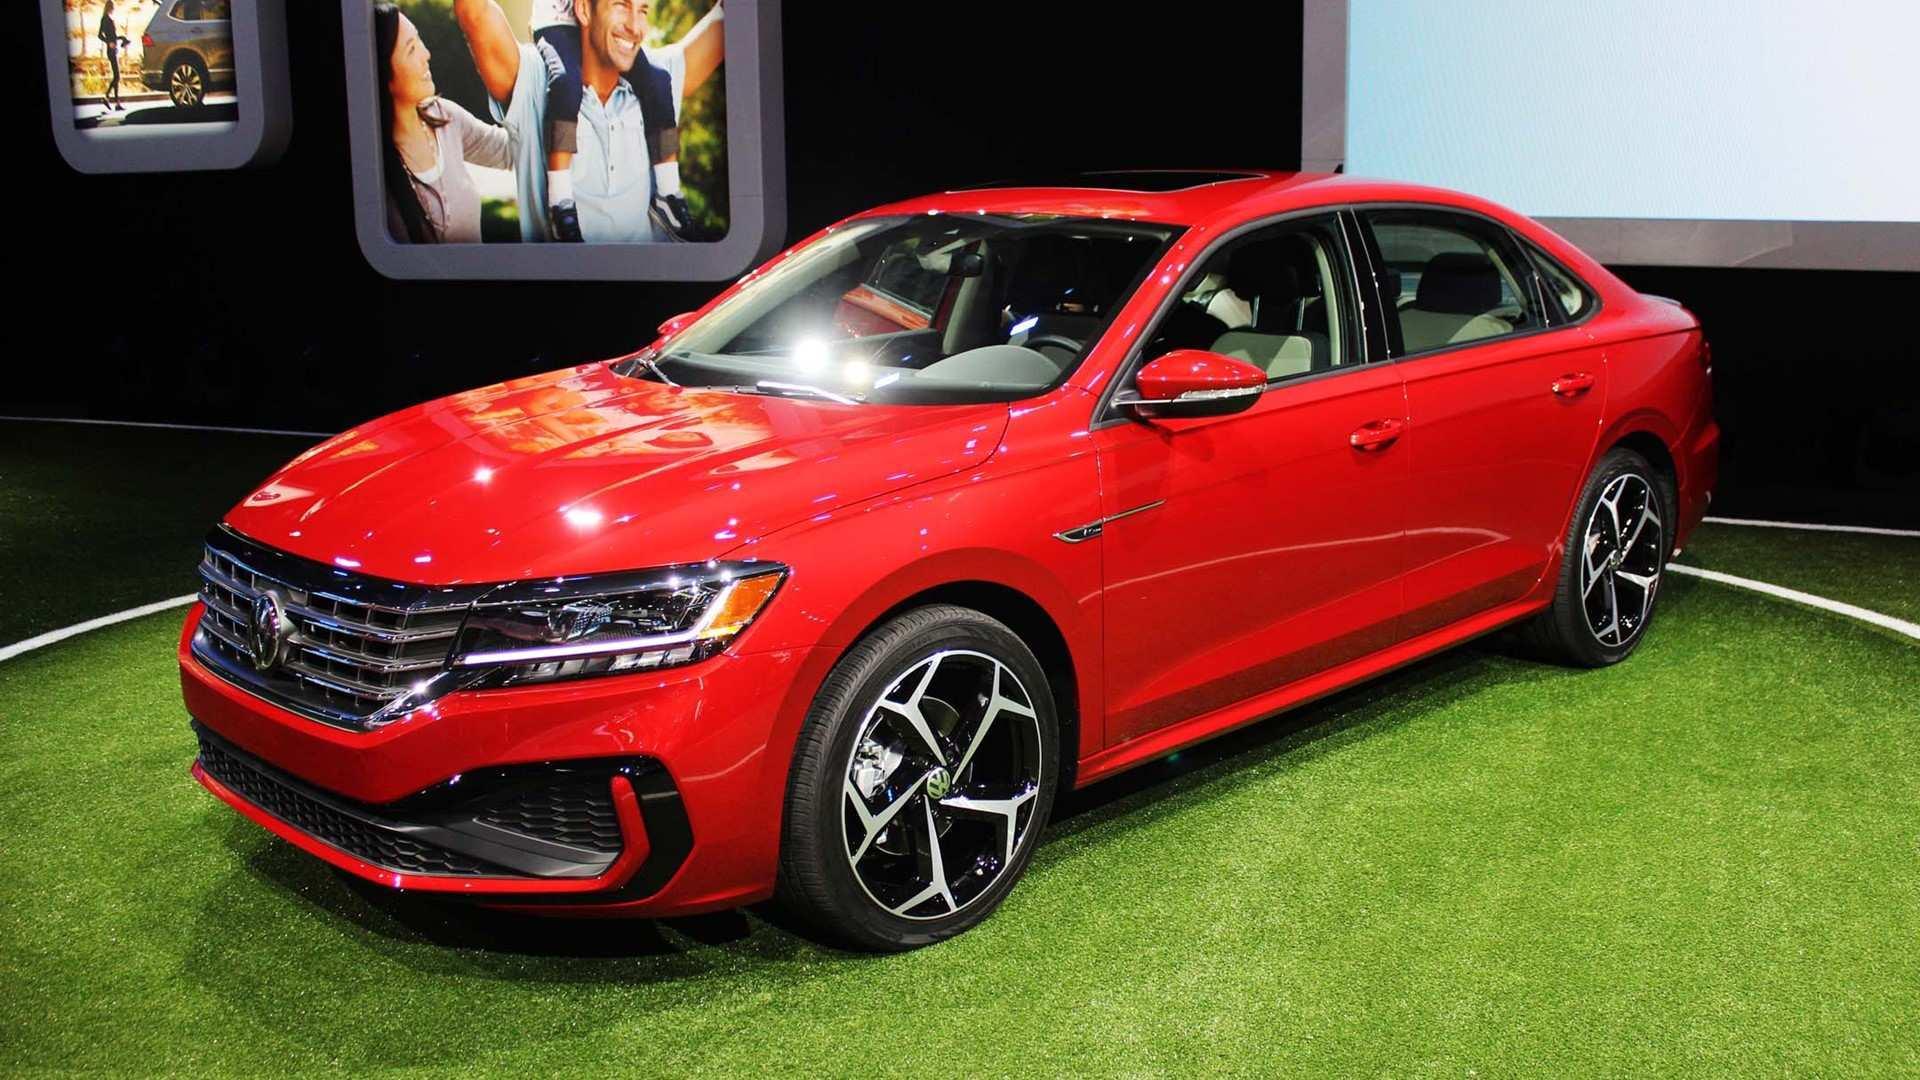 70 Gallery of Volkswagen 2020 Launch New Review with Volkswagen 2020 Launch